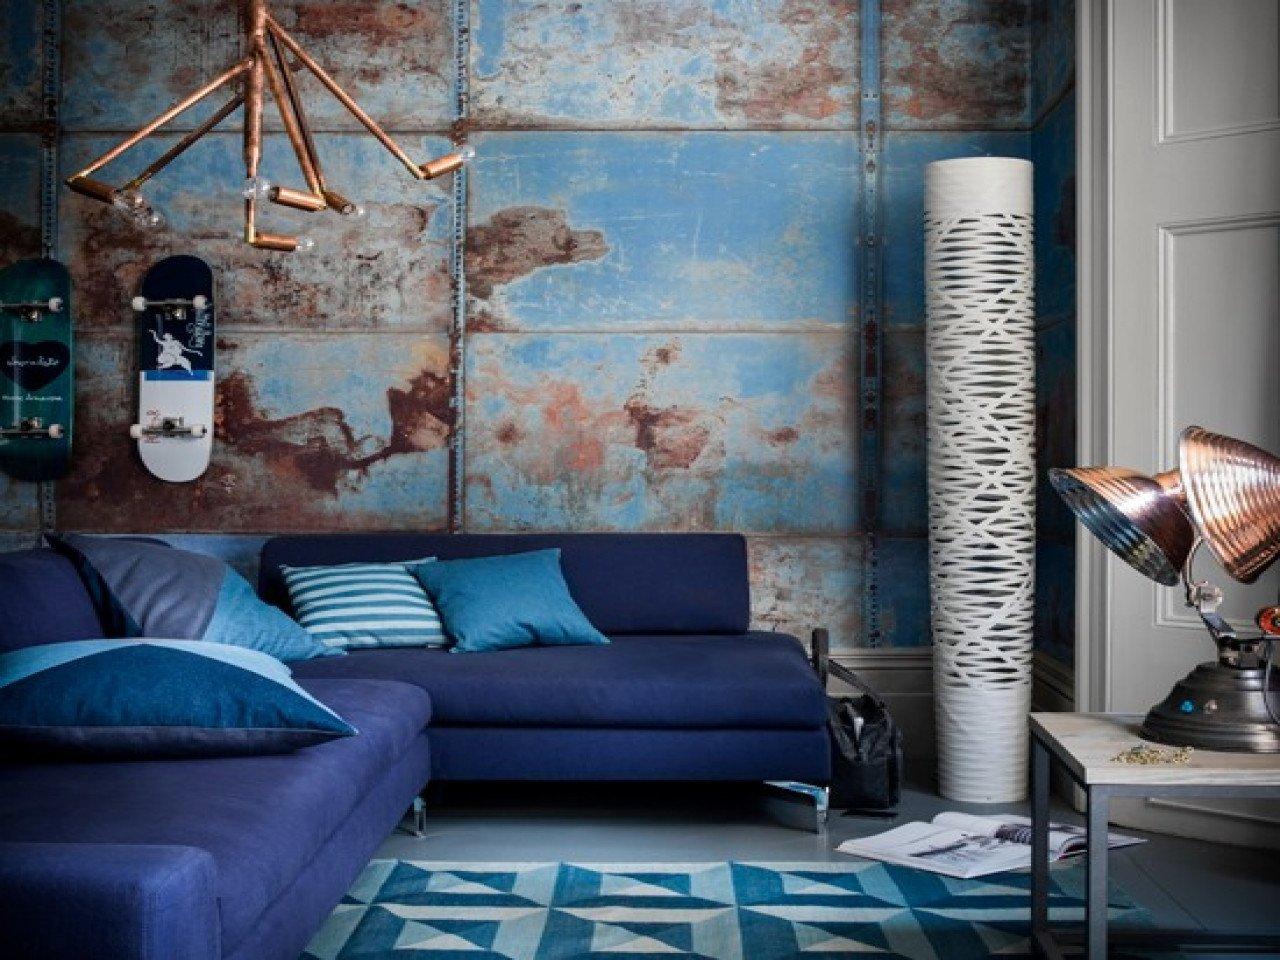 Royal Blue Living Room Decor Royal Blue Living Room Contemporary Decorating Ideas Livin C